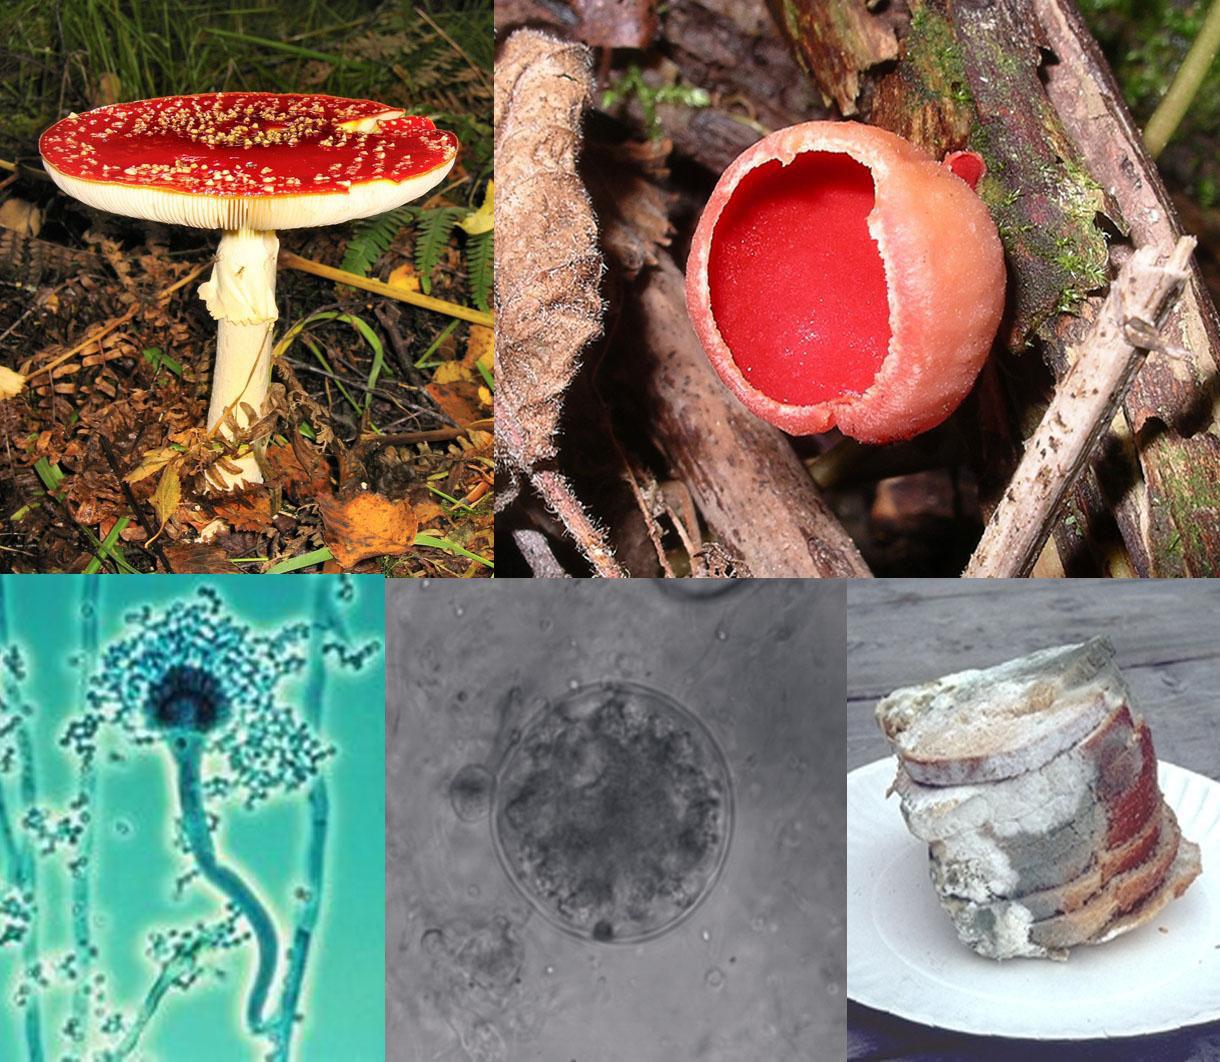 paraziți ai ciupercilor cu virusuri)